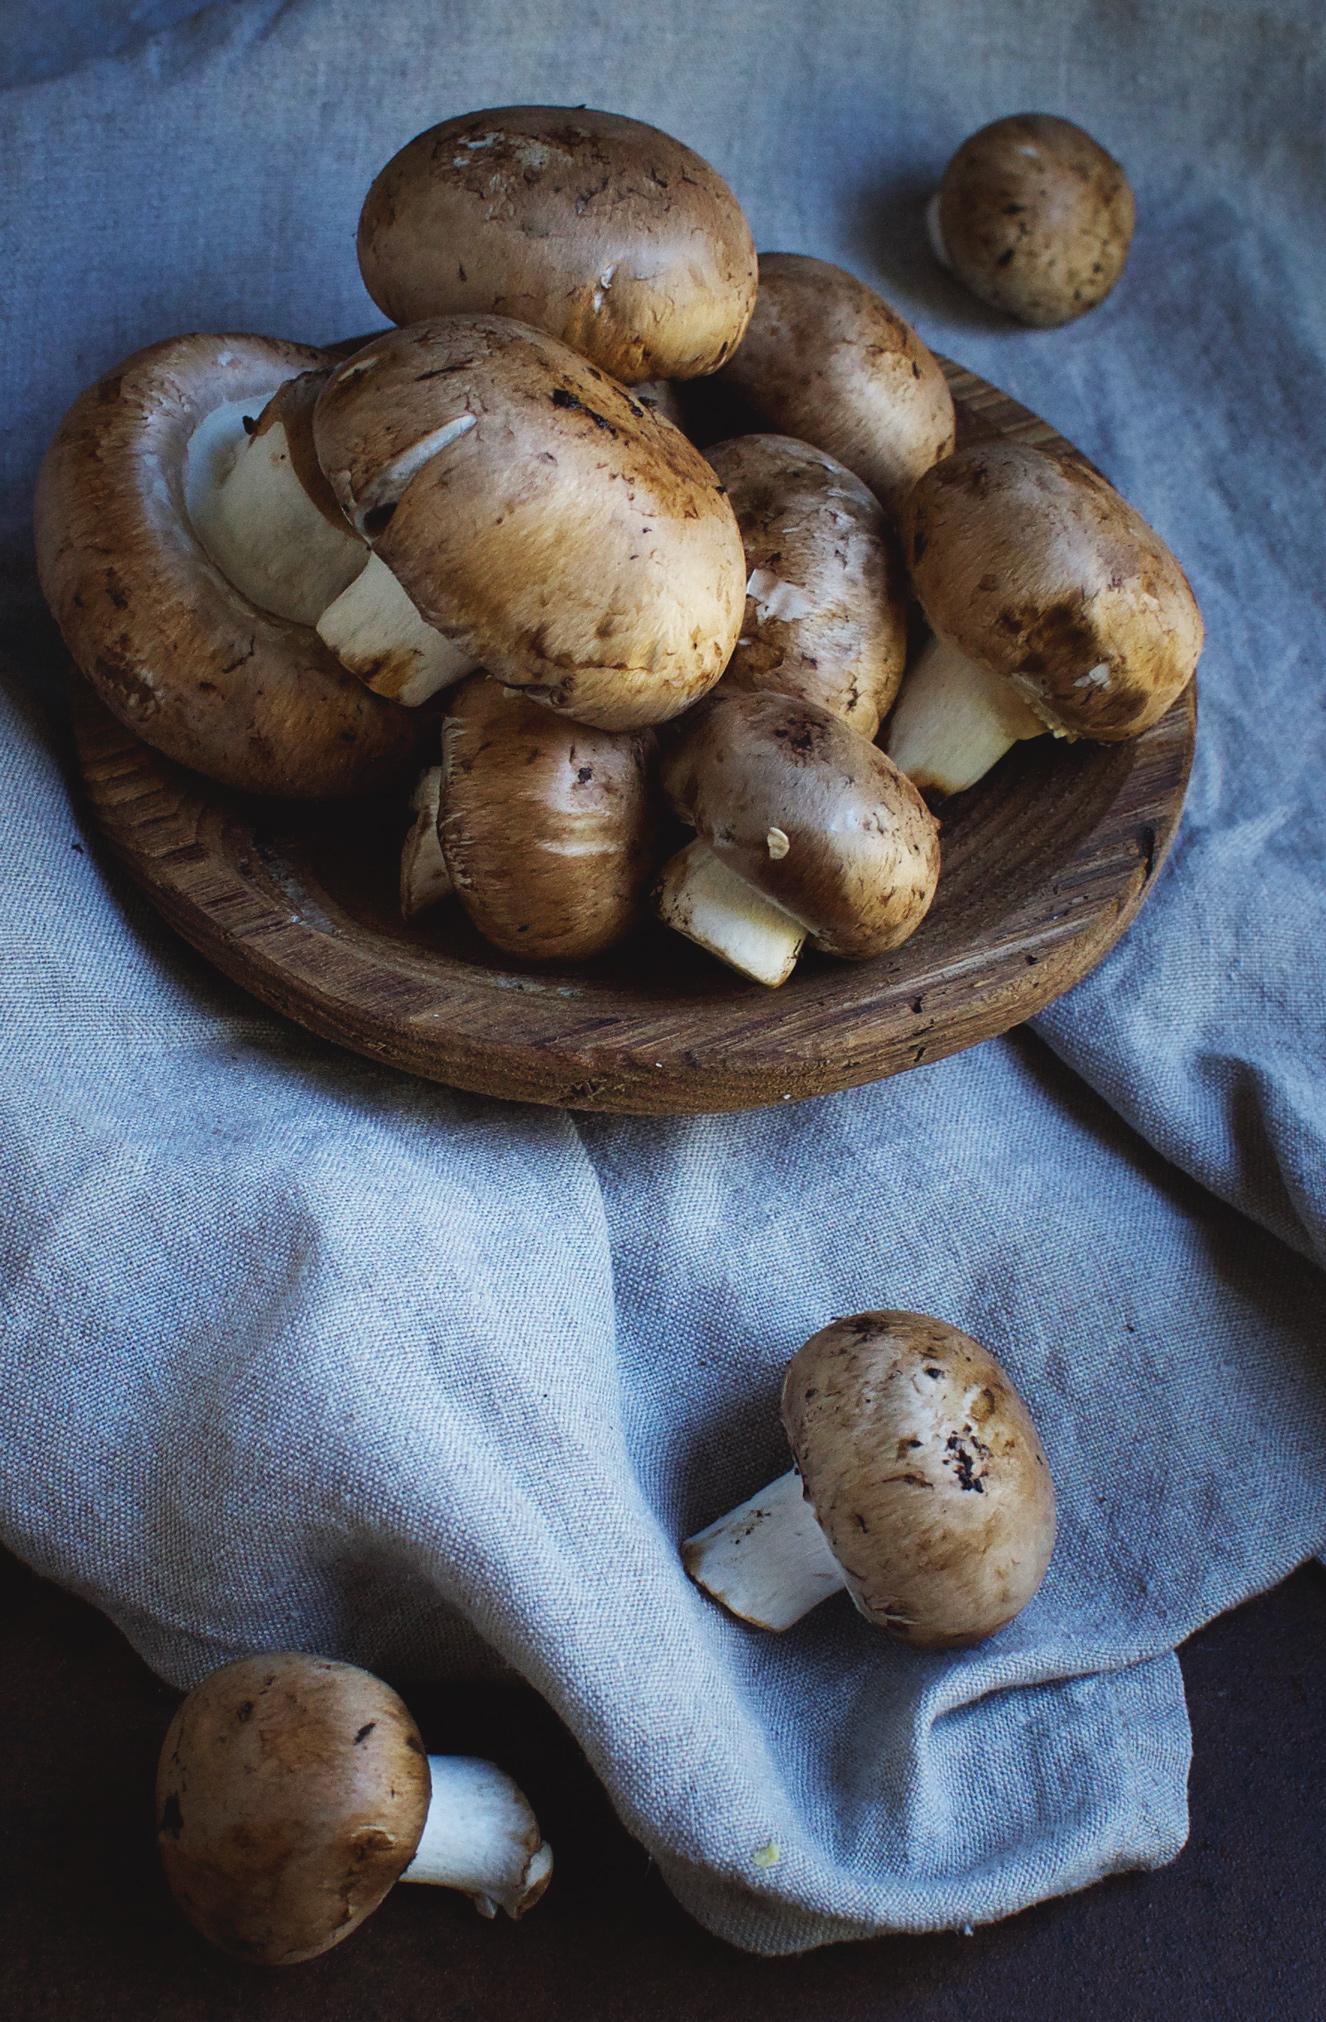 shot of mushrooms